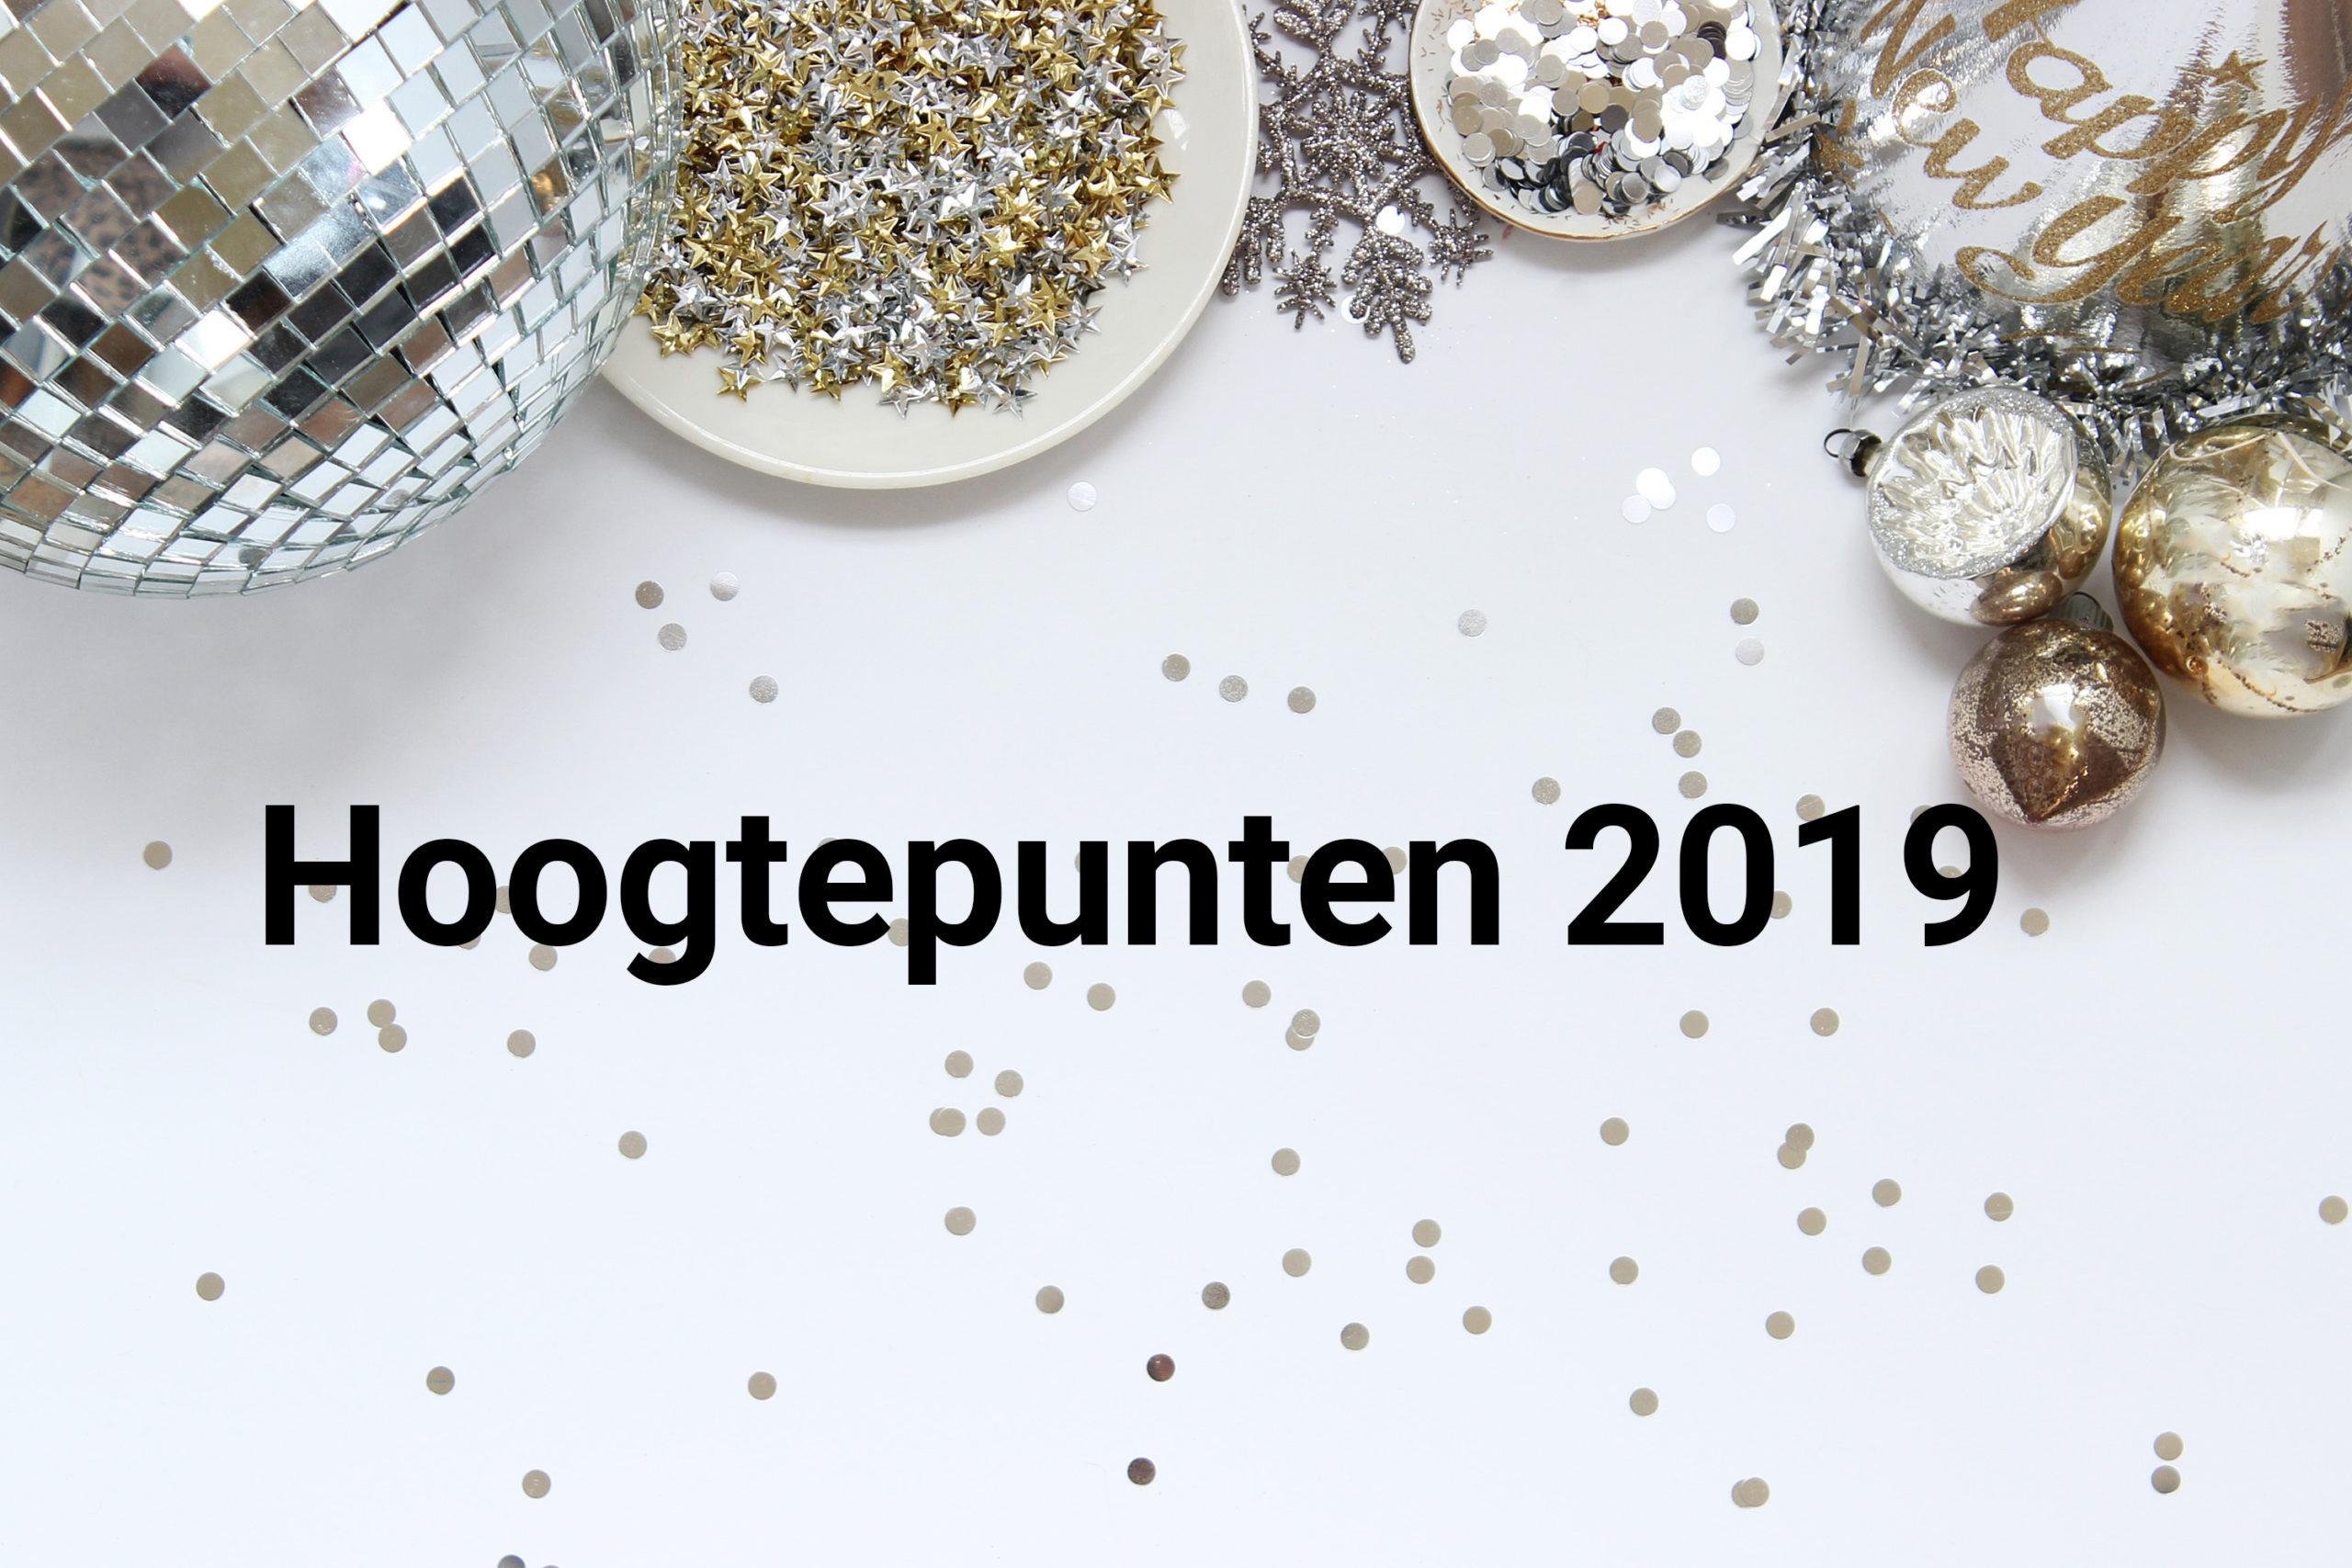 Hoogtepunten 2019